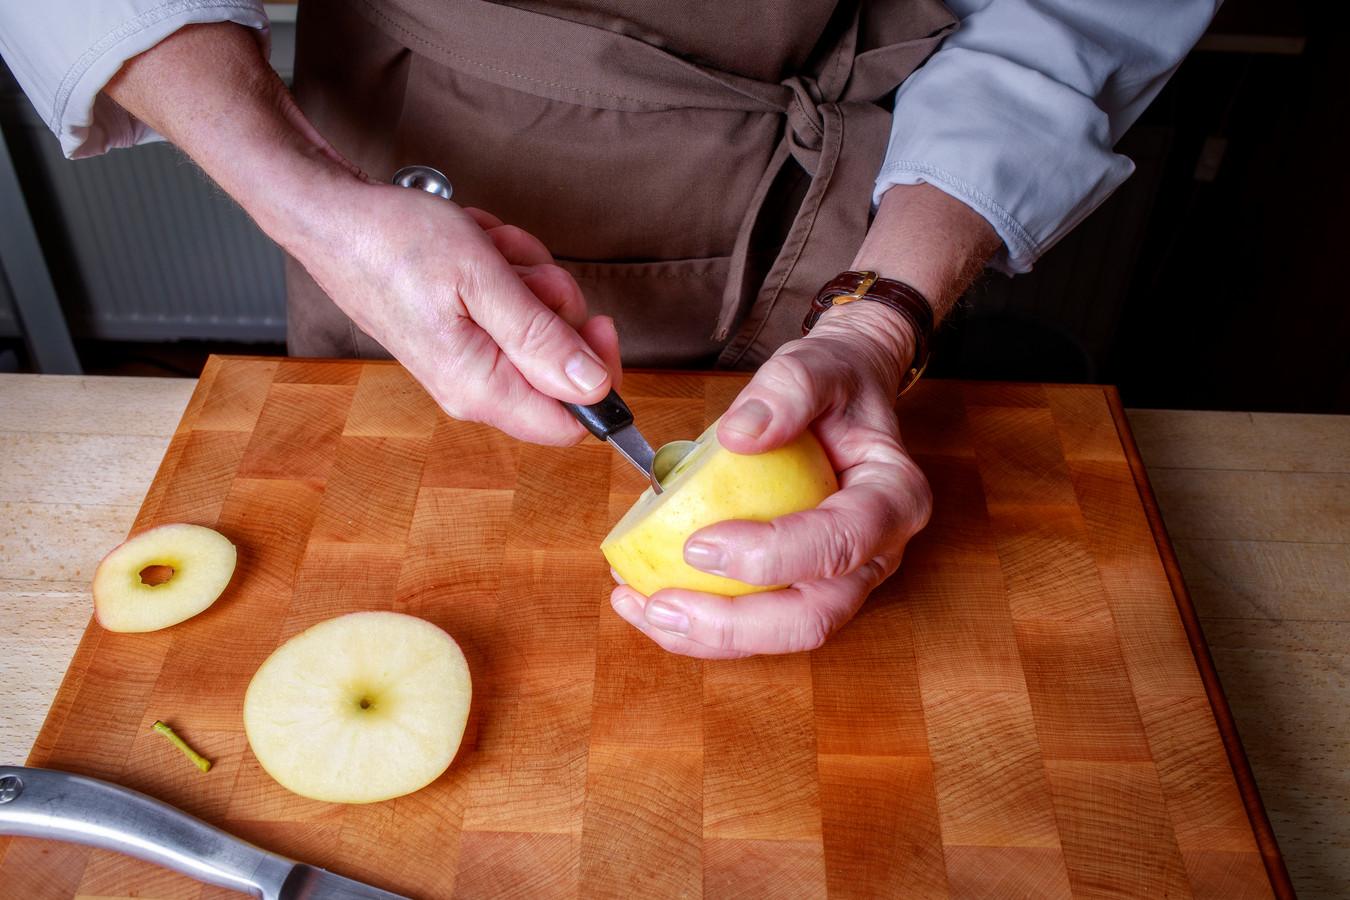 Carla Kentgens maakt wild zwijn klaar. De appel wordt gesneden en uitgehold voor de vulling. Foto: Dolph Cantrijn